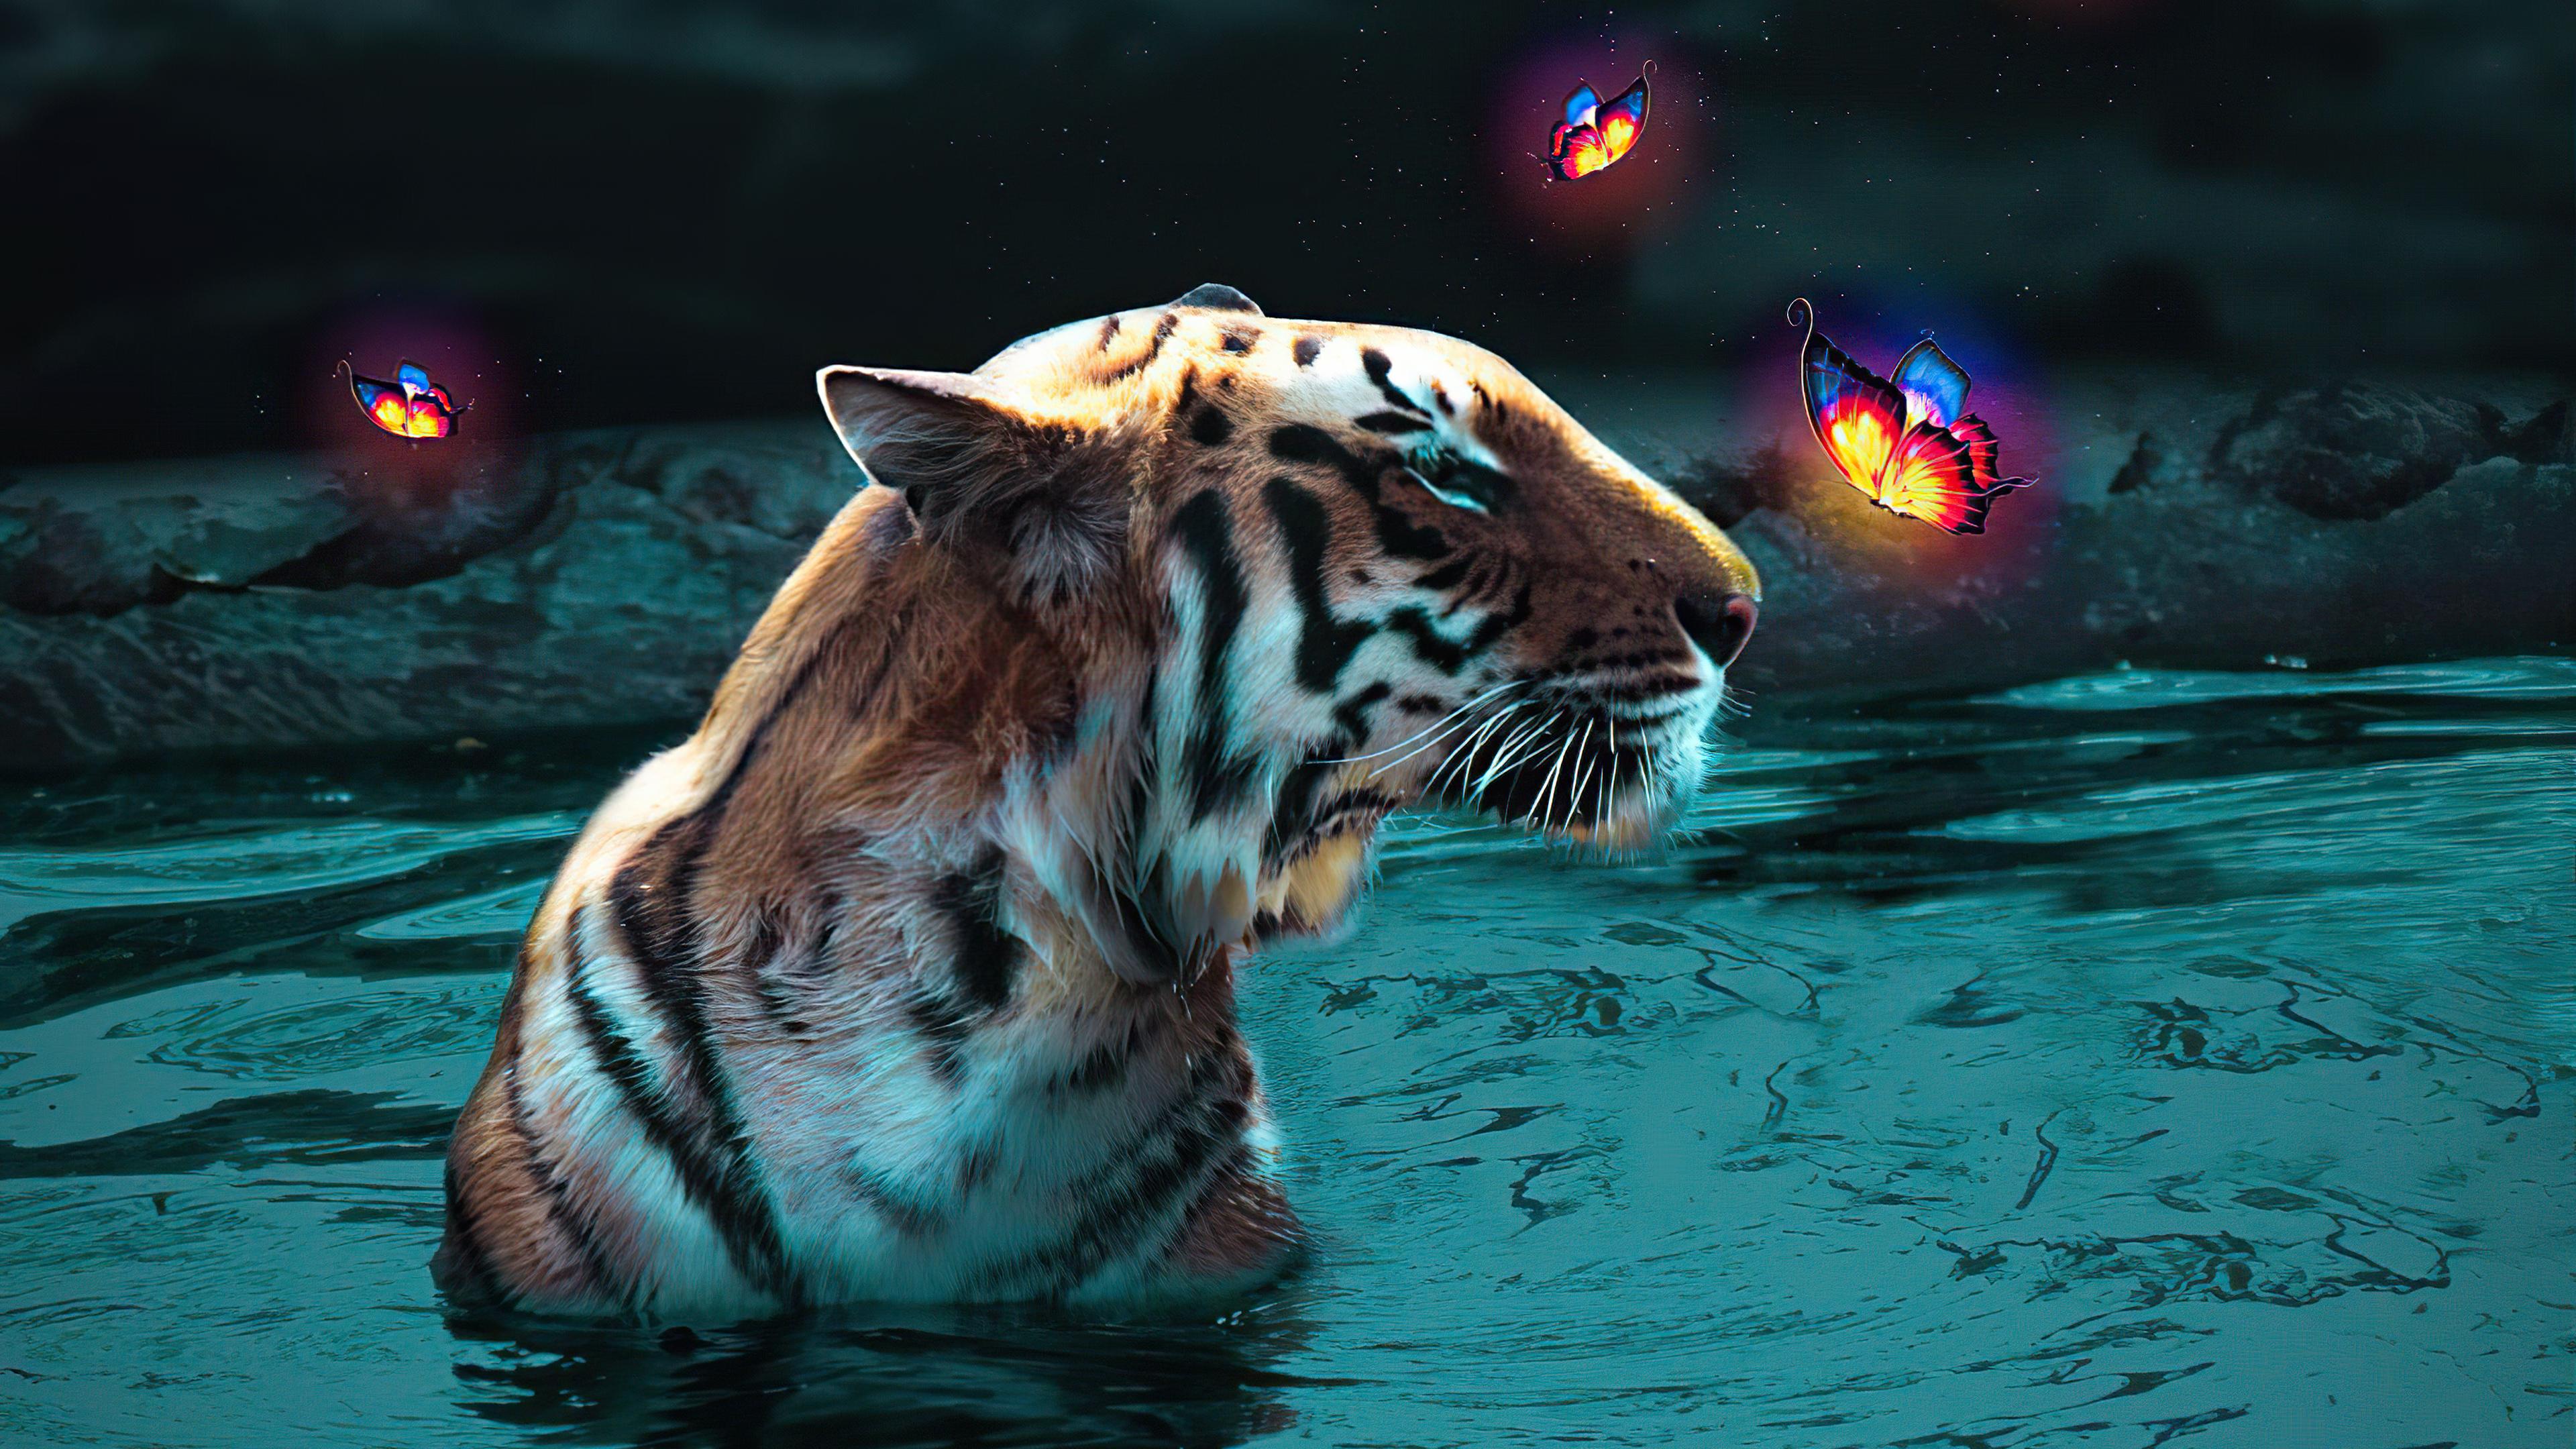 Fondos de pantalla Tigre con mariposas